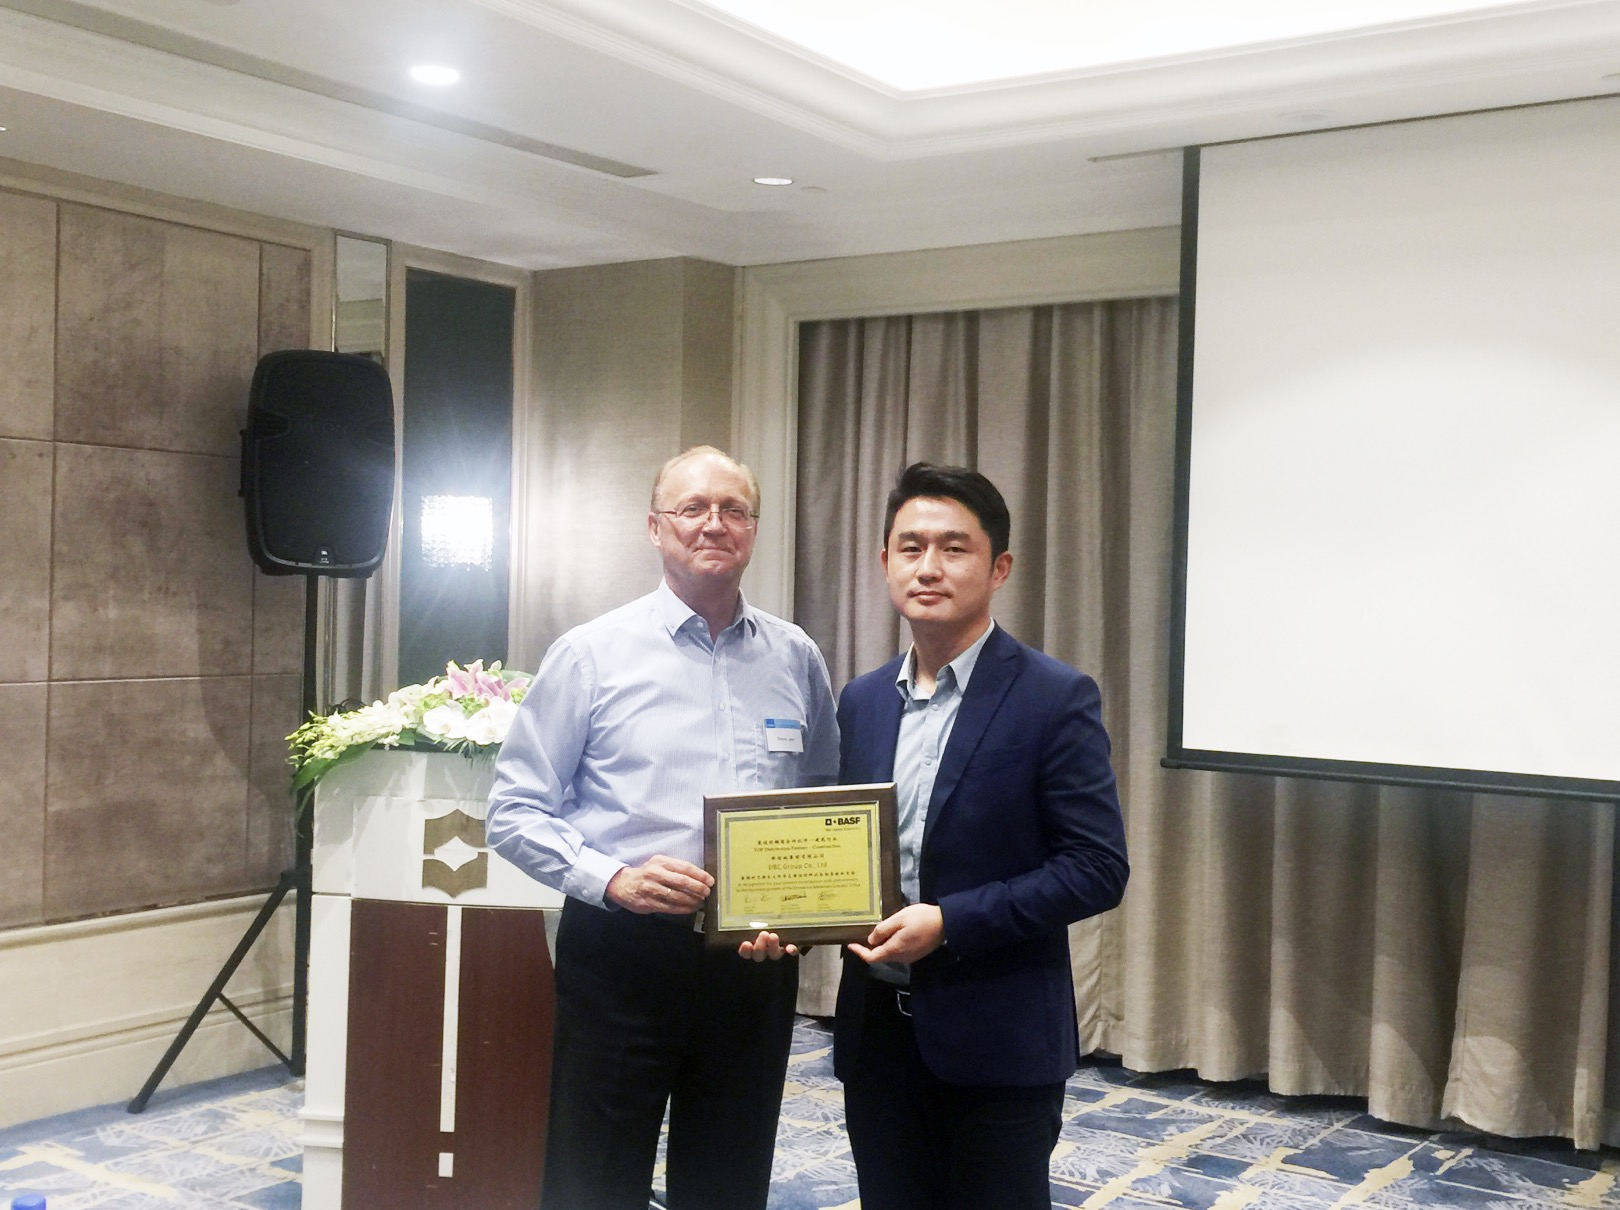 20180903都佰城荣获巴斯夫大中华区建筑行业最佳合作伙伴的副本